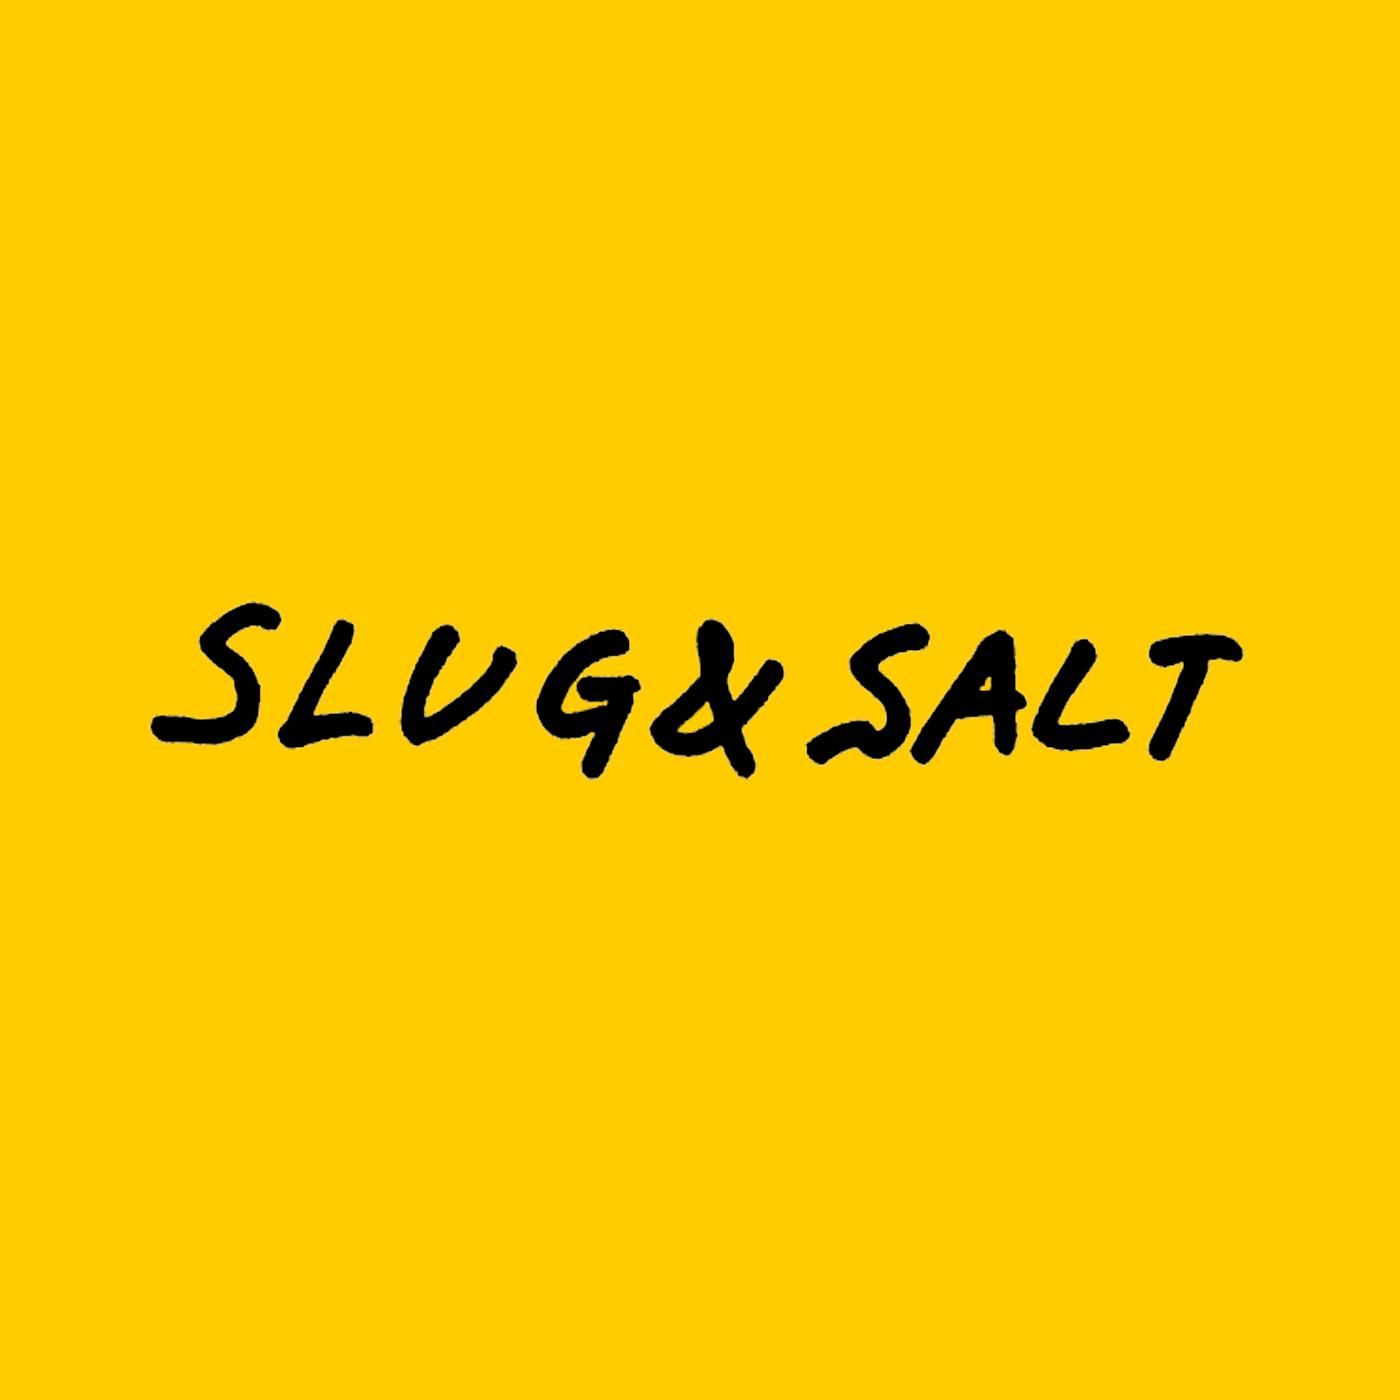 SLUG & SALT